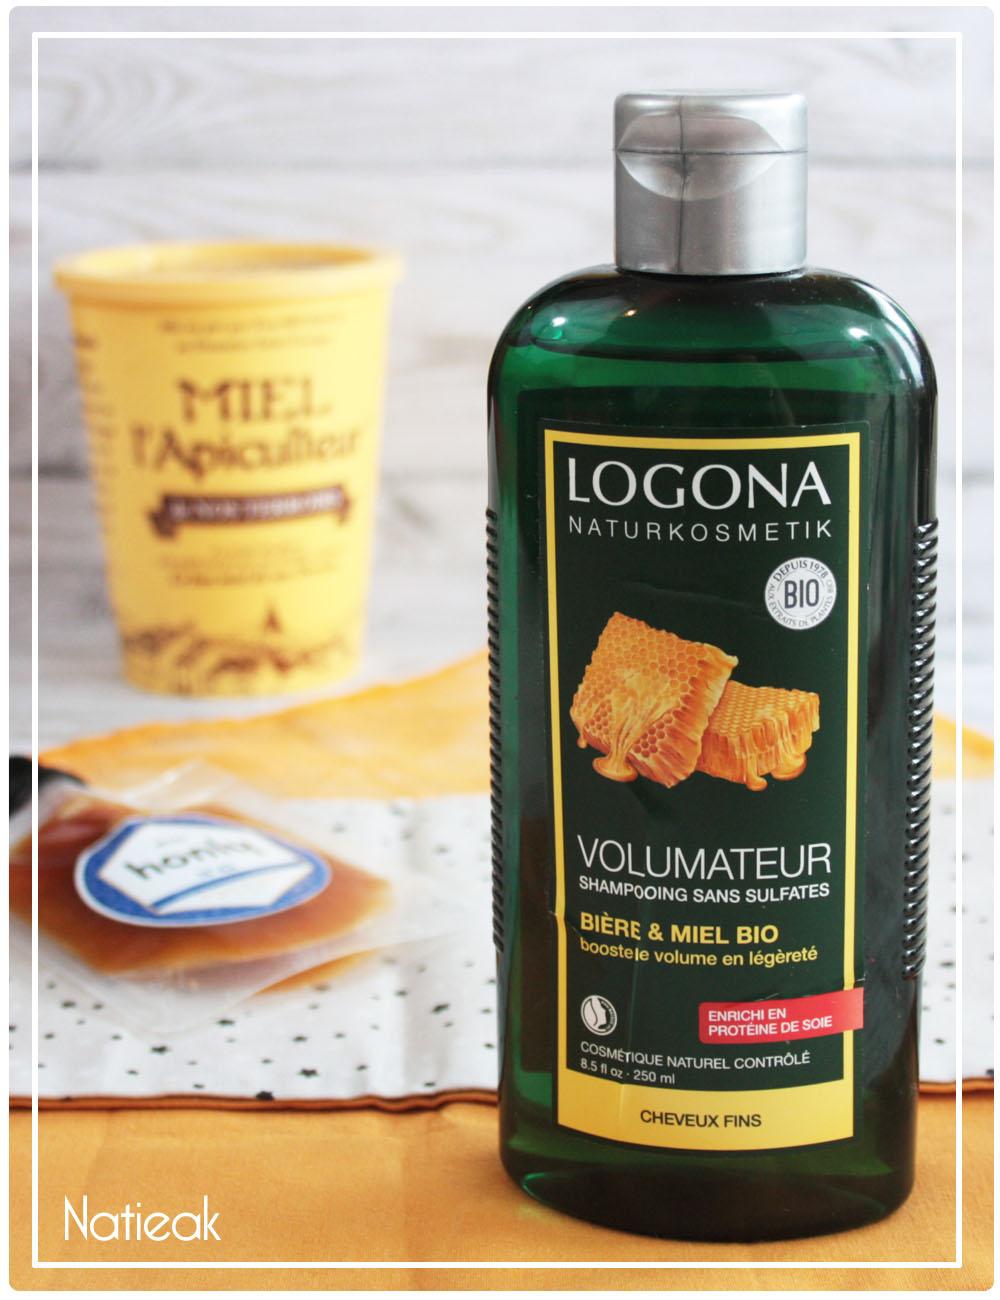 Shampoing volumateur bière et miel de Logona